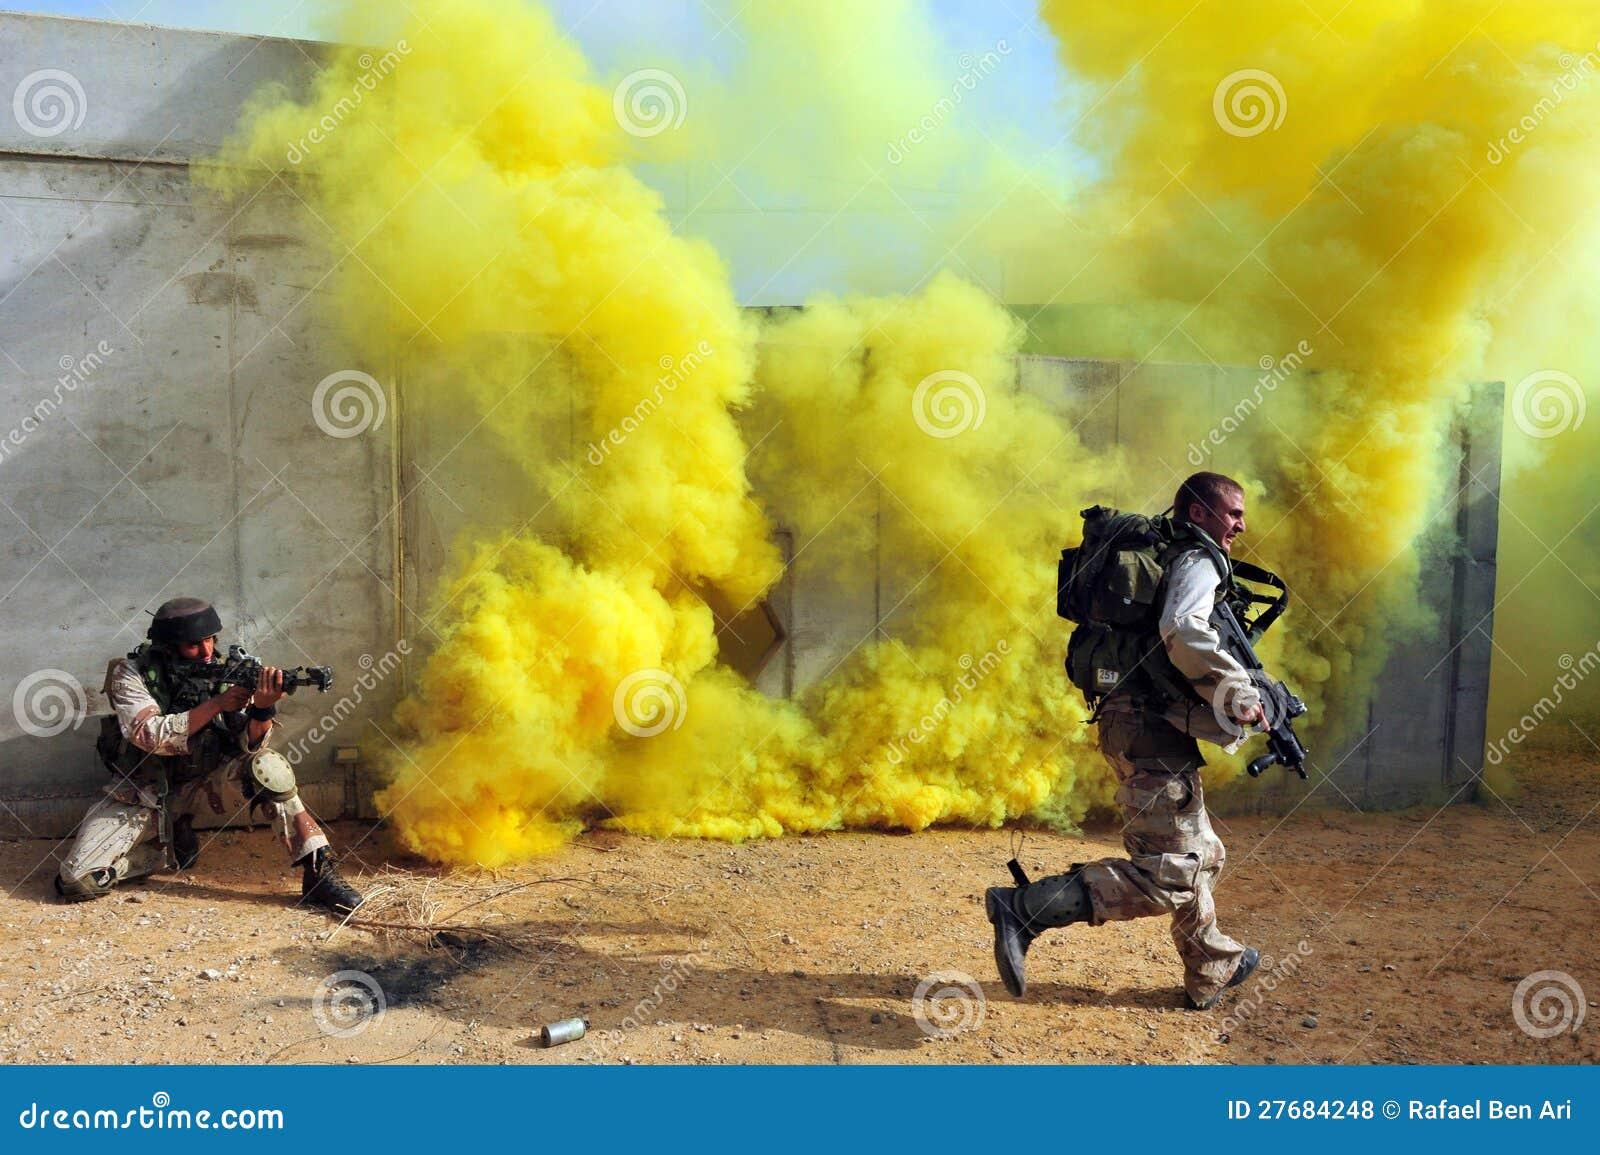 Ισραηλινοί στρατιώτες κατά τη διάρκεια της άσκησης αστικής εχθροπραξίας